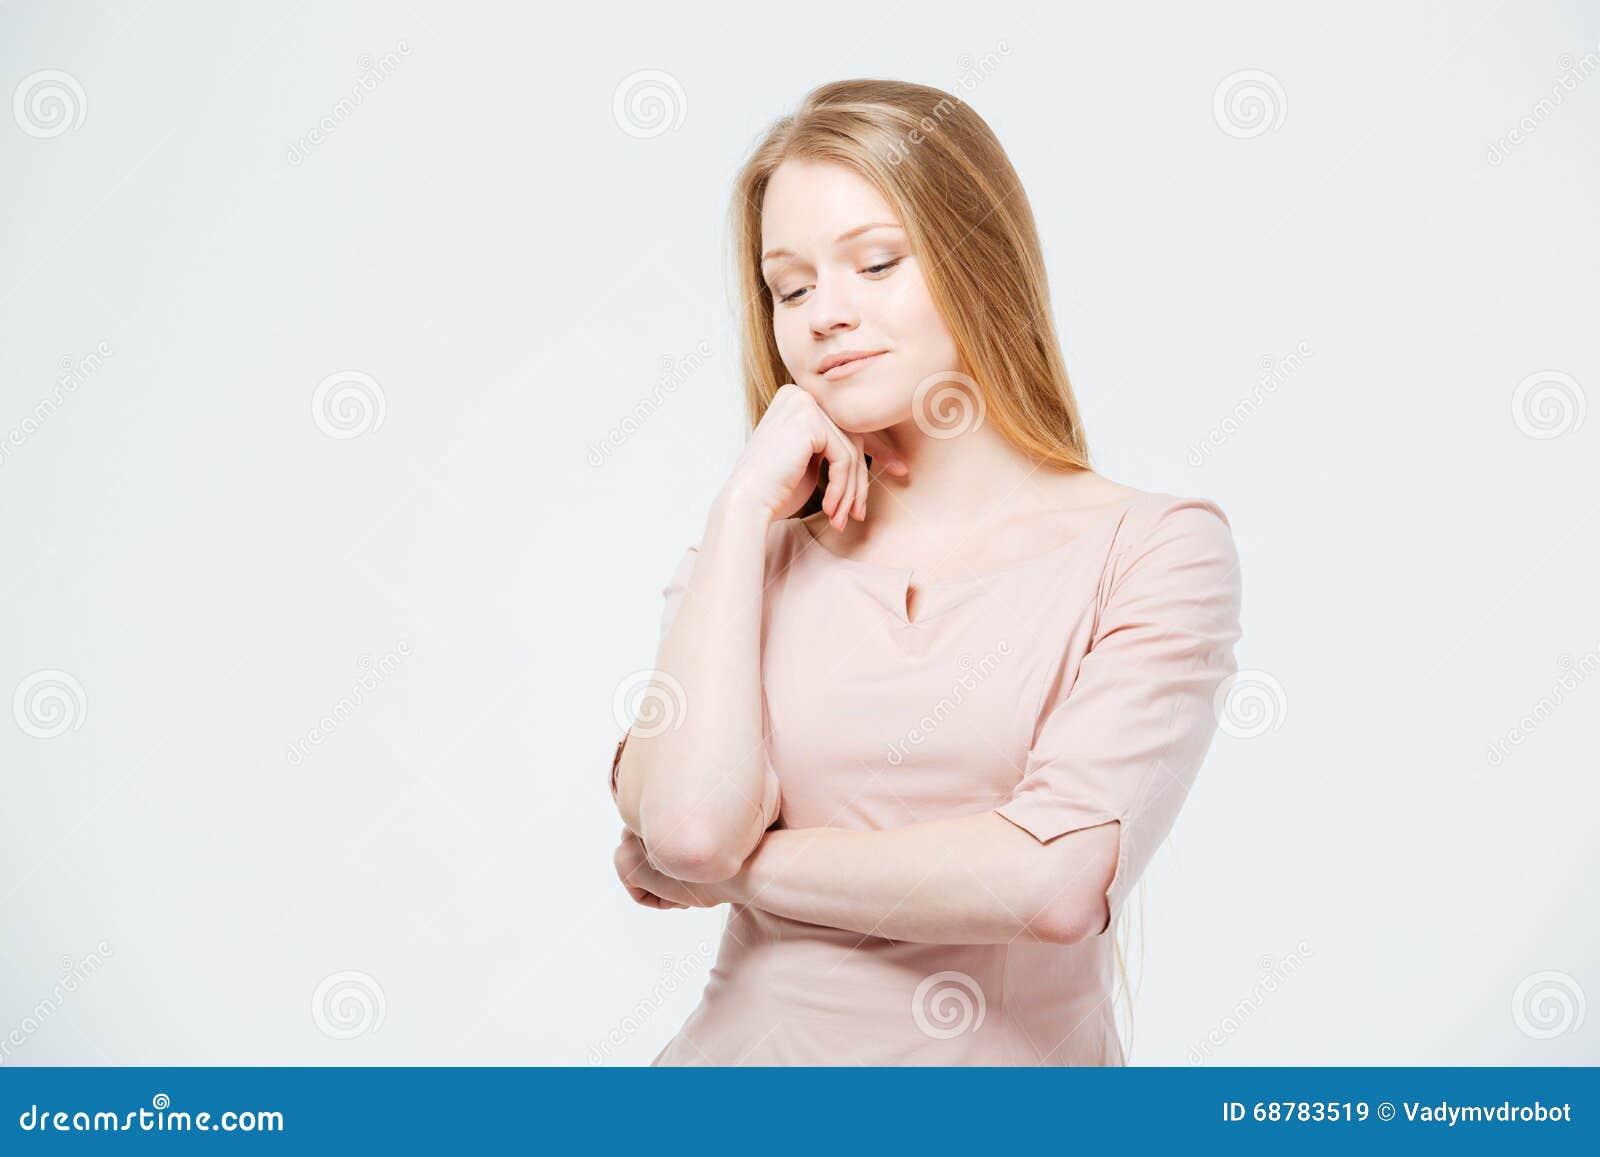 Potrtrait av tänka för ung kvinna